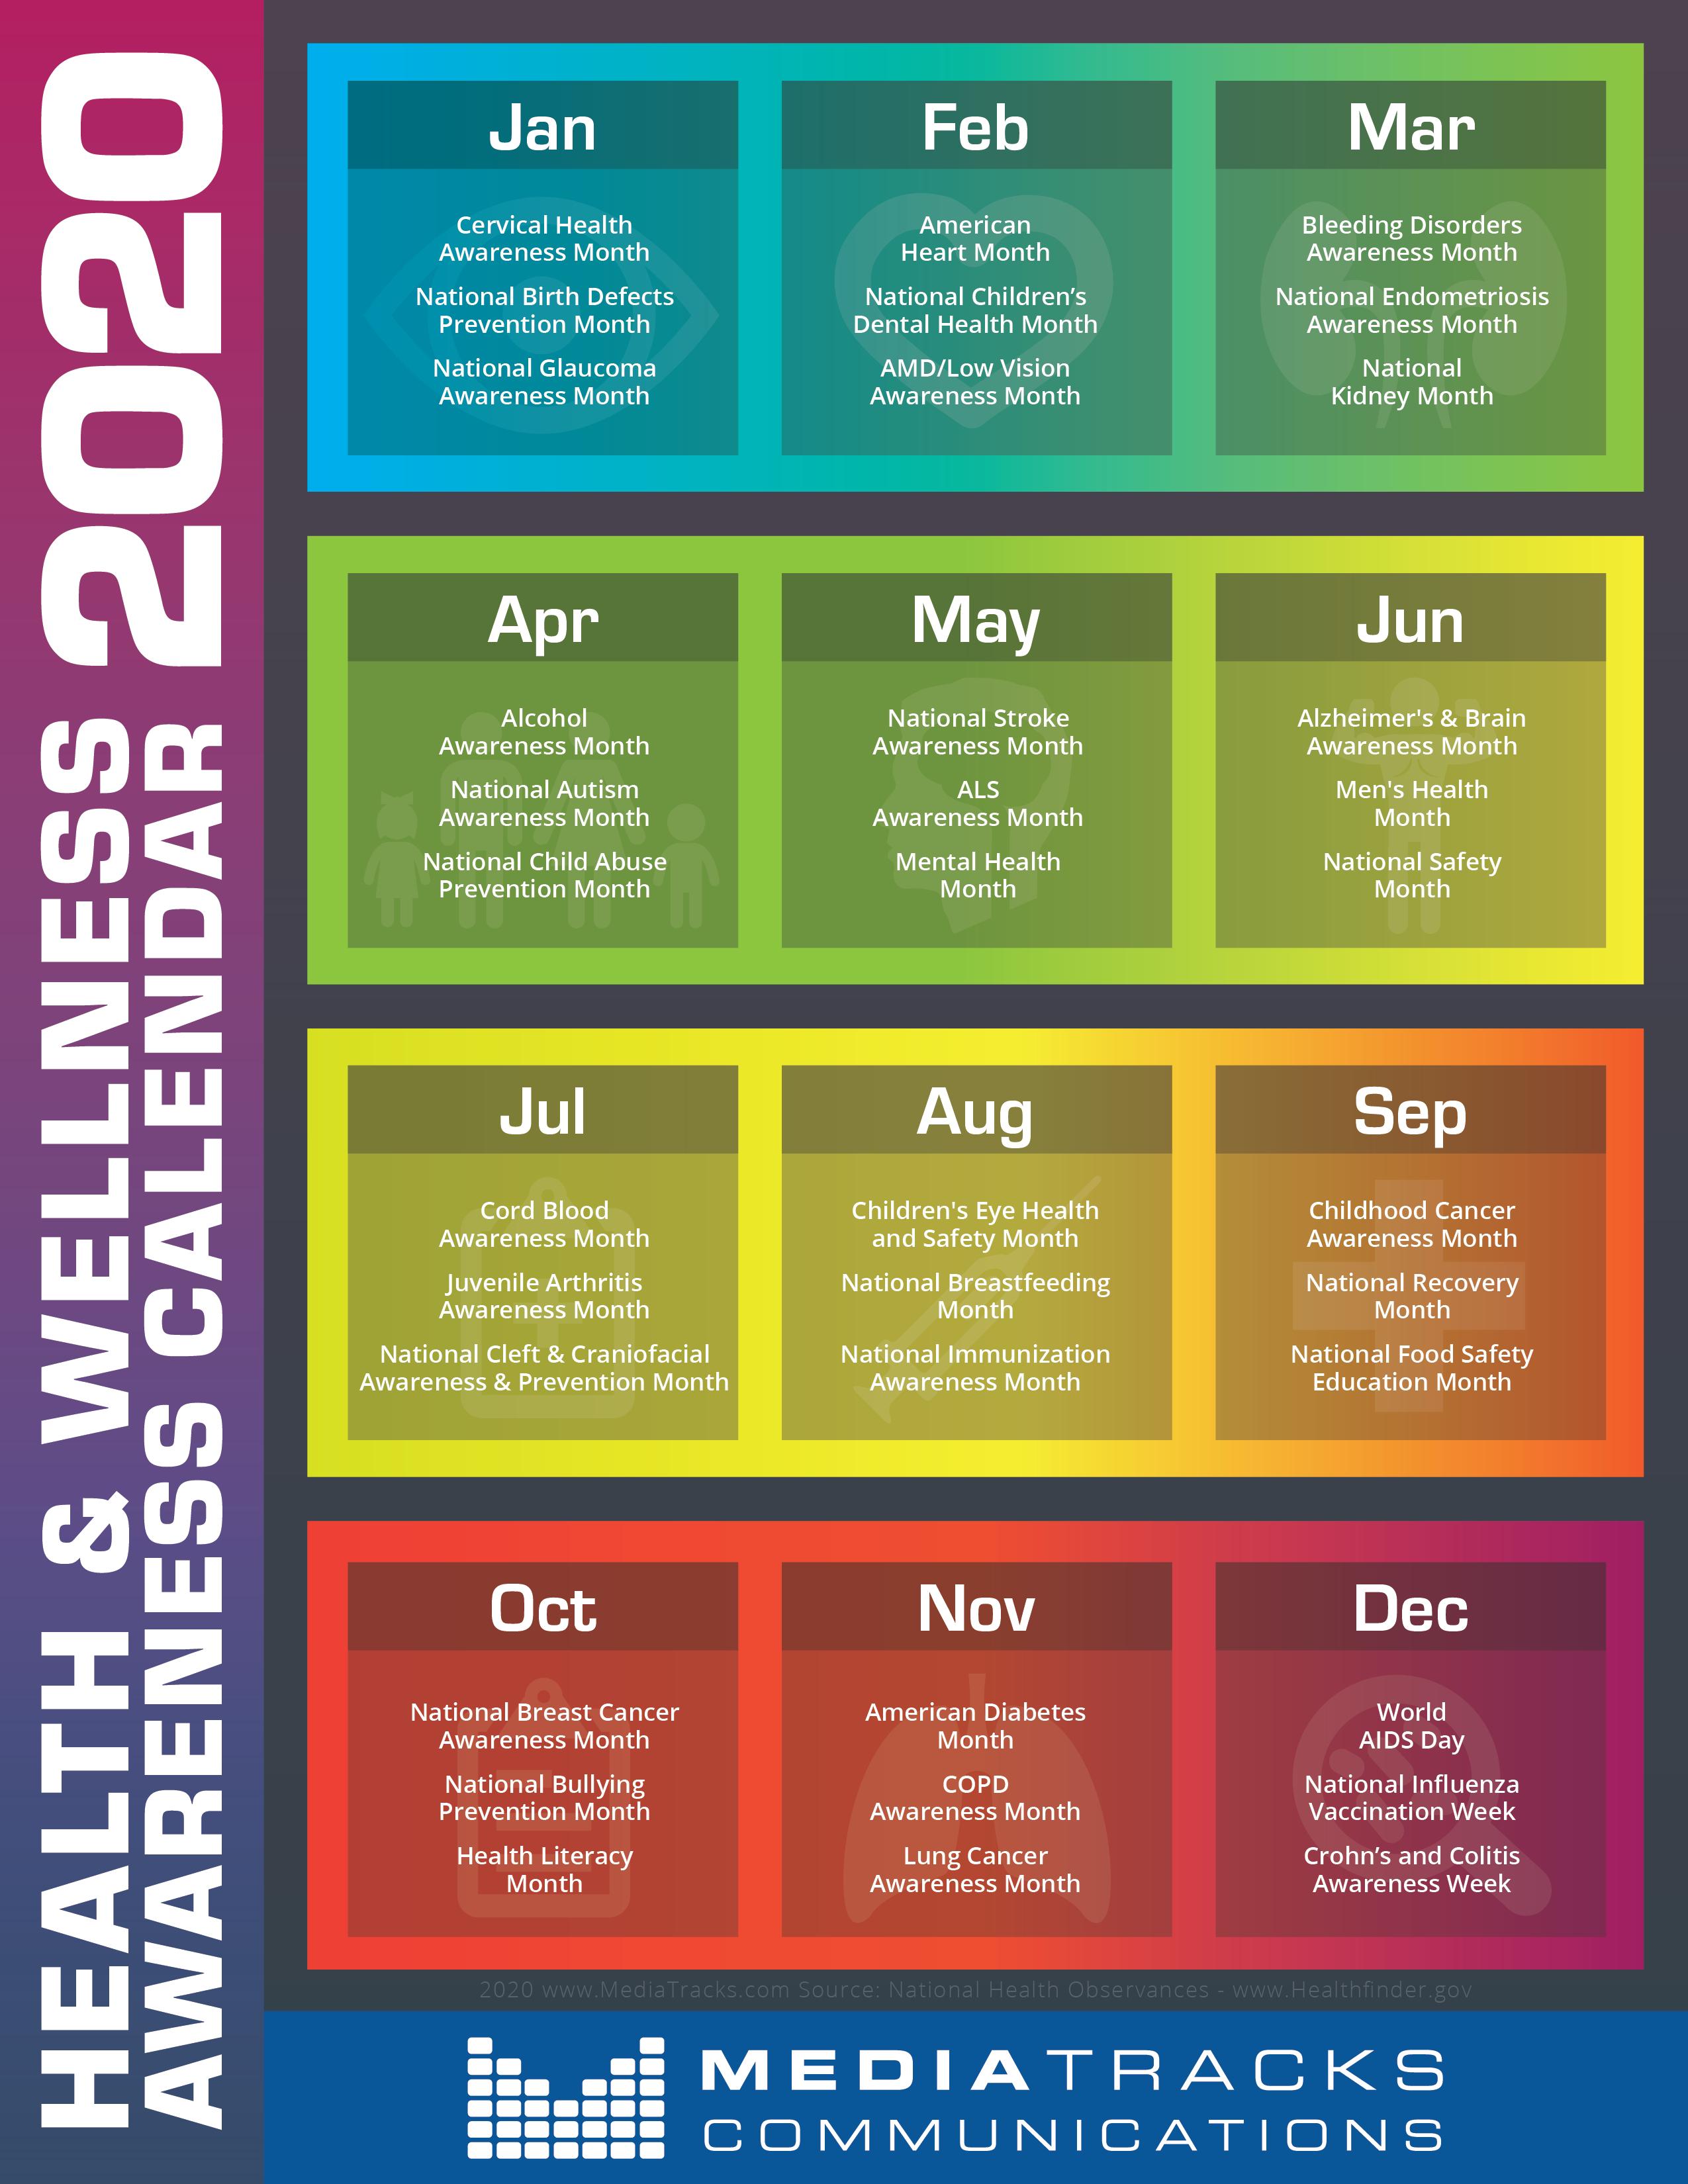 2020 Health & Wellness Awareness Calendar [Infographic